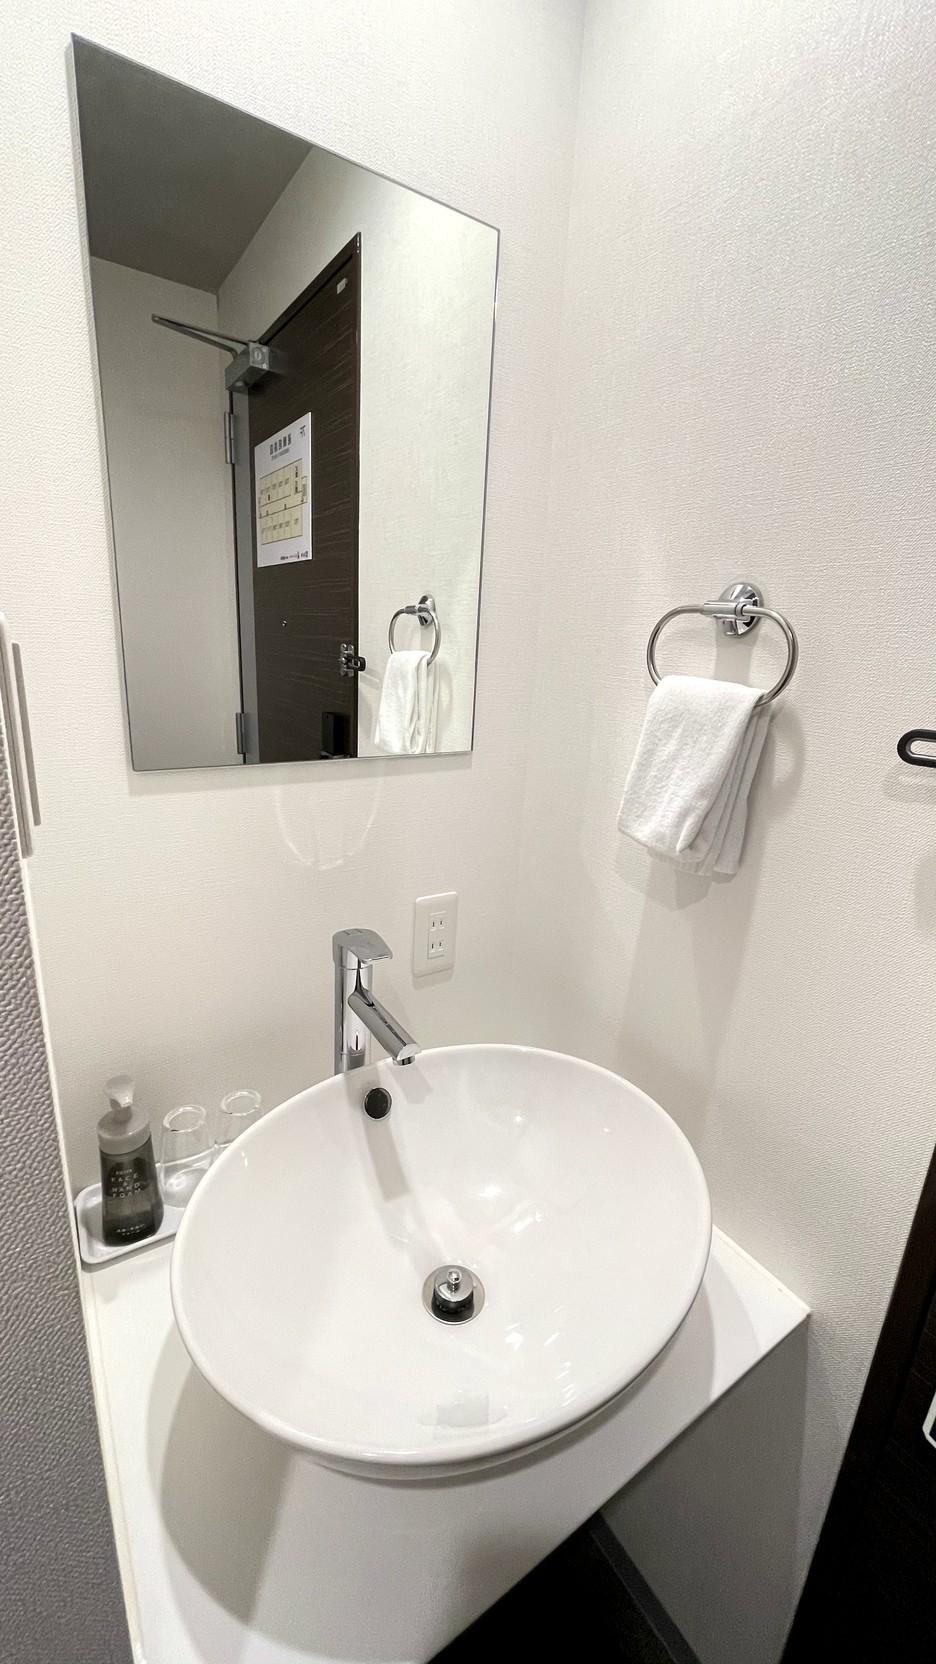 シングルルーム シャワーブースタイプ 洗面台